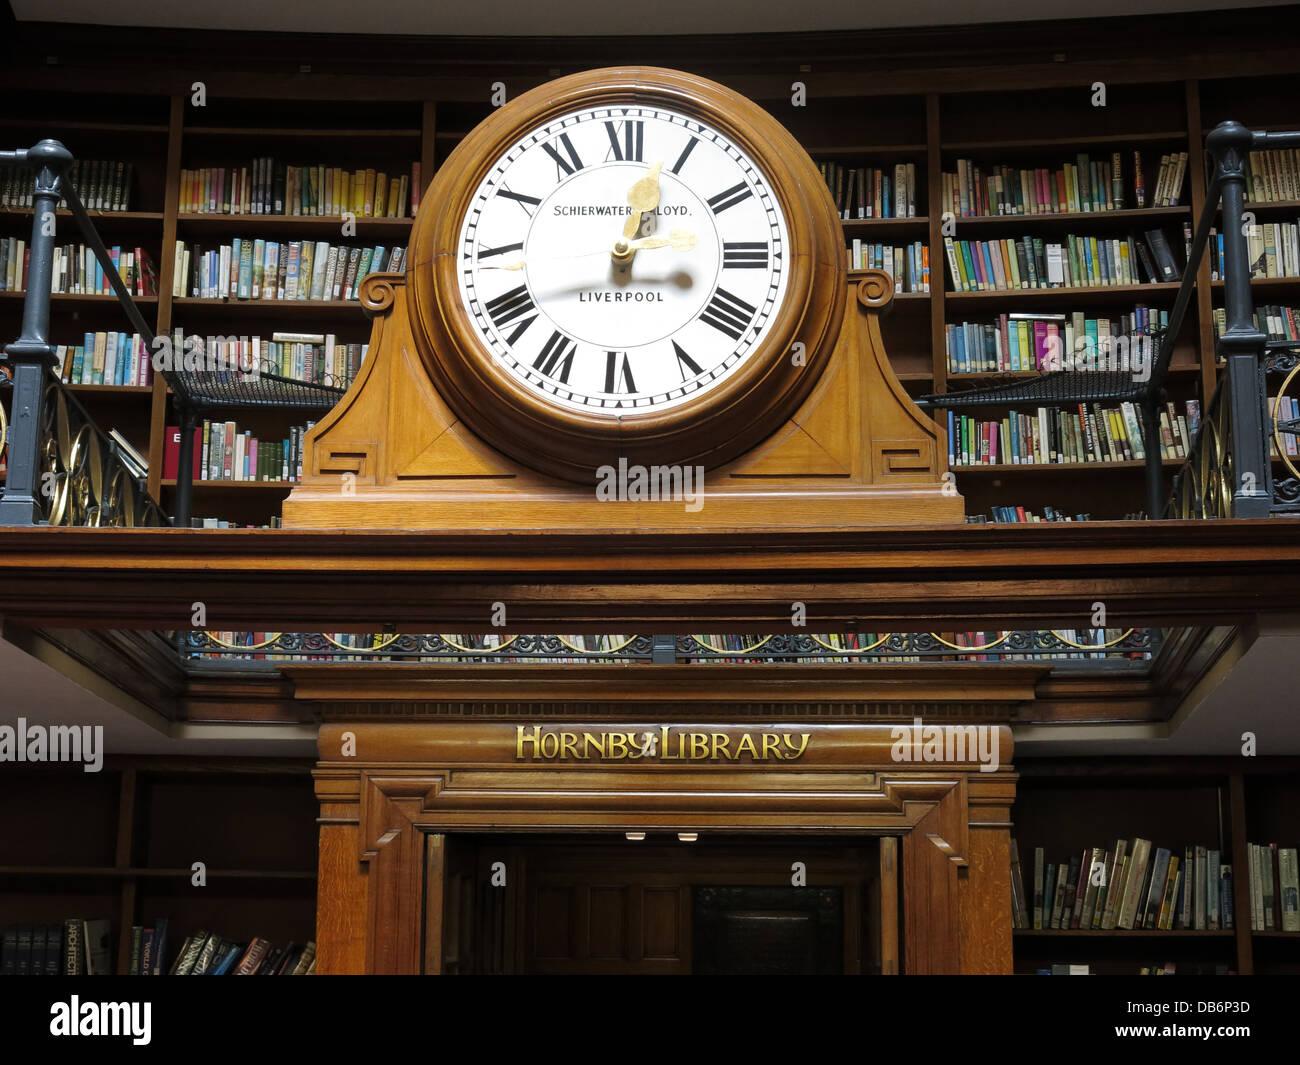 Scheirwater,&,Lloyd,Liverpool,English,Oak,clock,L3,8EW,L38EW,wooden,classic,old,historic,over,door,doorway,corner,of,circular,interior,inside,victorian,fashioned,Schirwater,Schierwater,gotonysmith Scheirwater & Lloyd Liverpool English Oak clock,Buy Pictures of,Buy Images Of